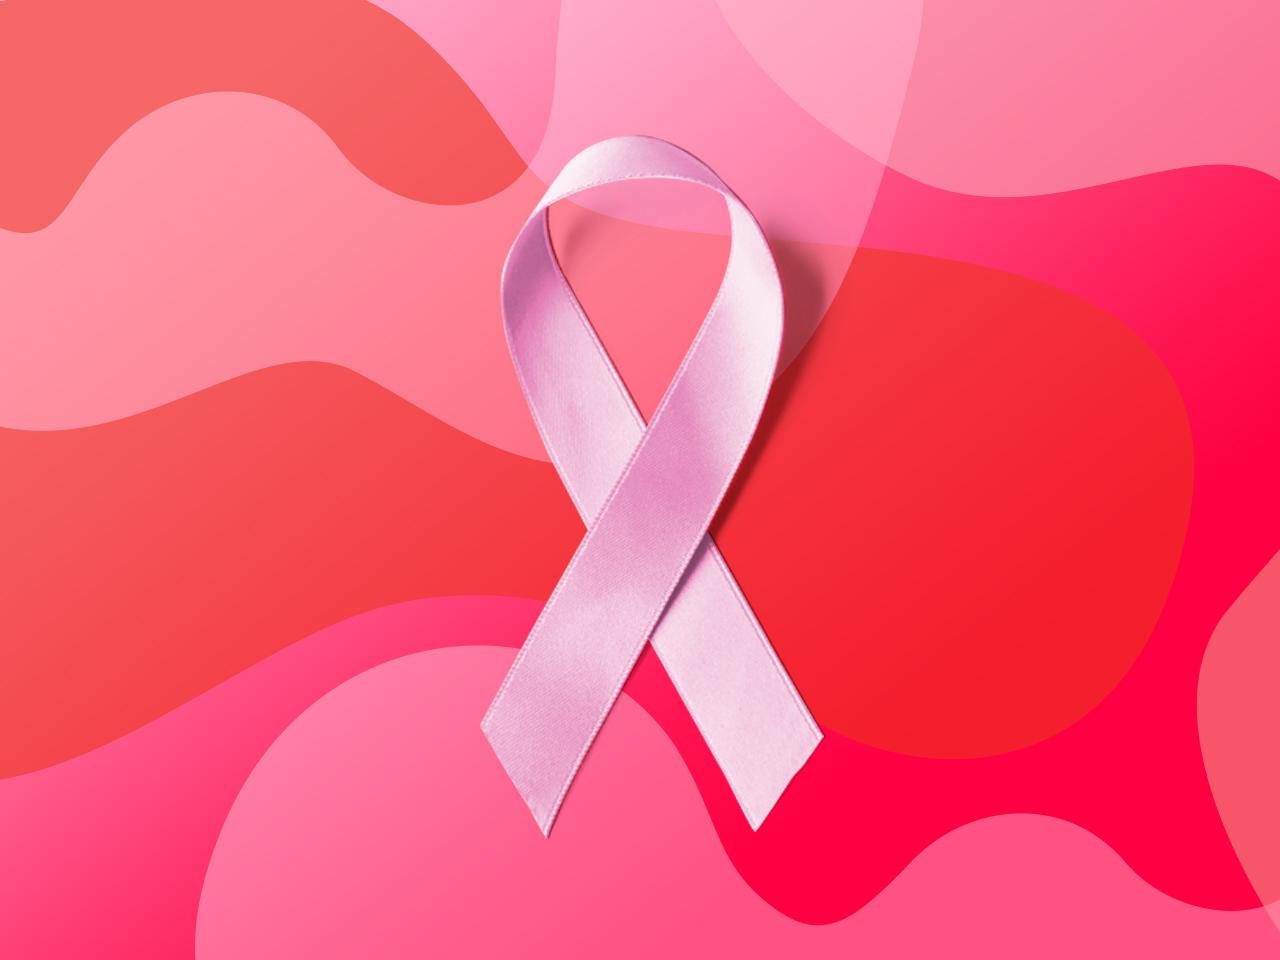 Ένα διαφορετικό τεστ για τον Καρκίνο από το Mykonos Alternative Center